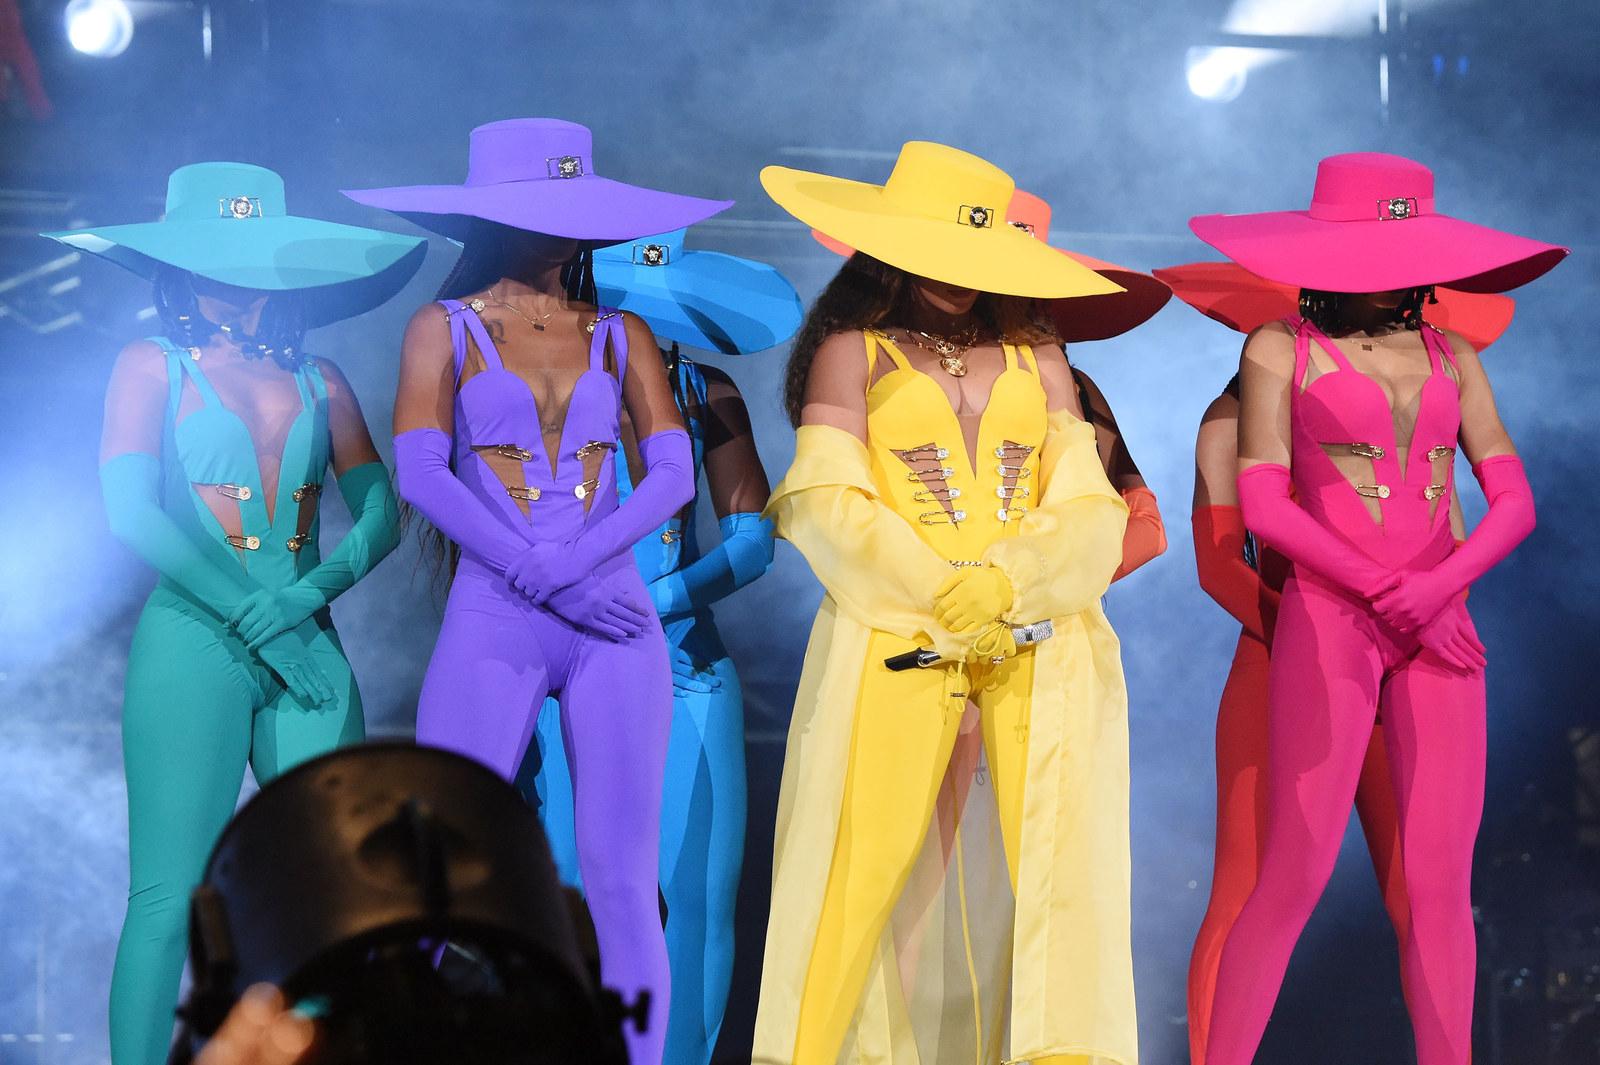 Cuộc Tranh Luận Đã Được Phát Ra Sau Khi Những Bức Ảnh Của Beyoncé Biểu Diễn  Tại Nam Phi Vào Đêm Chủ Nhật Đã Xuất Hiện.